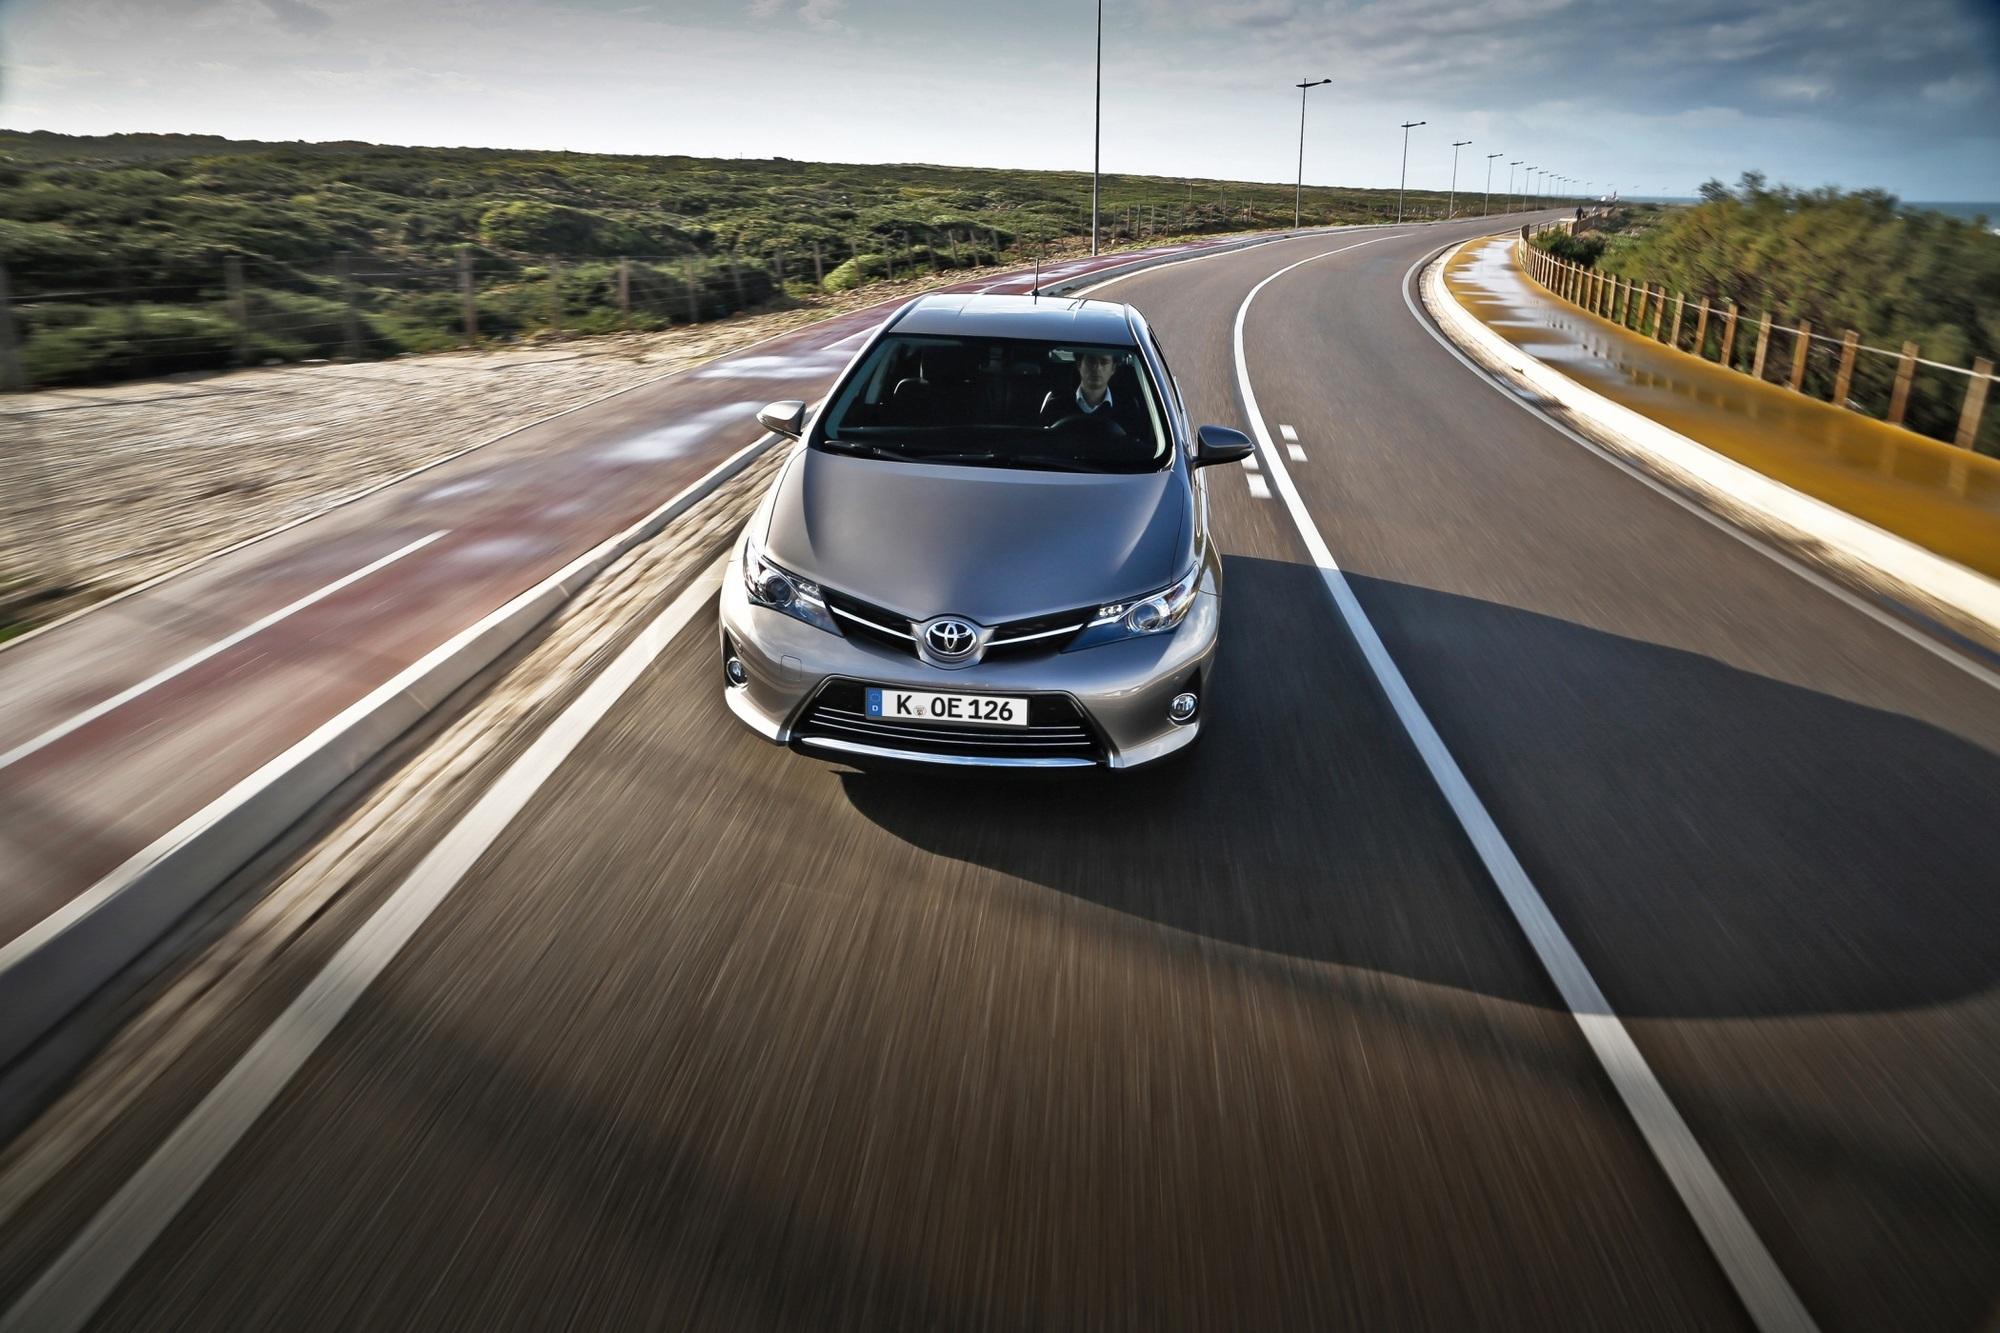 Test: Toyota Auris 2.0 D-4D - Fast schon ein Statement